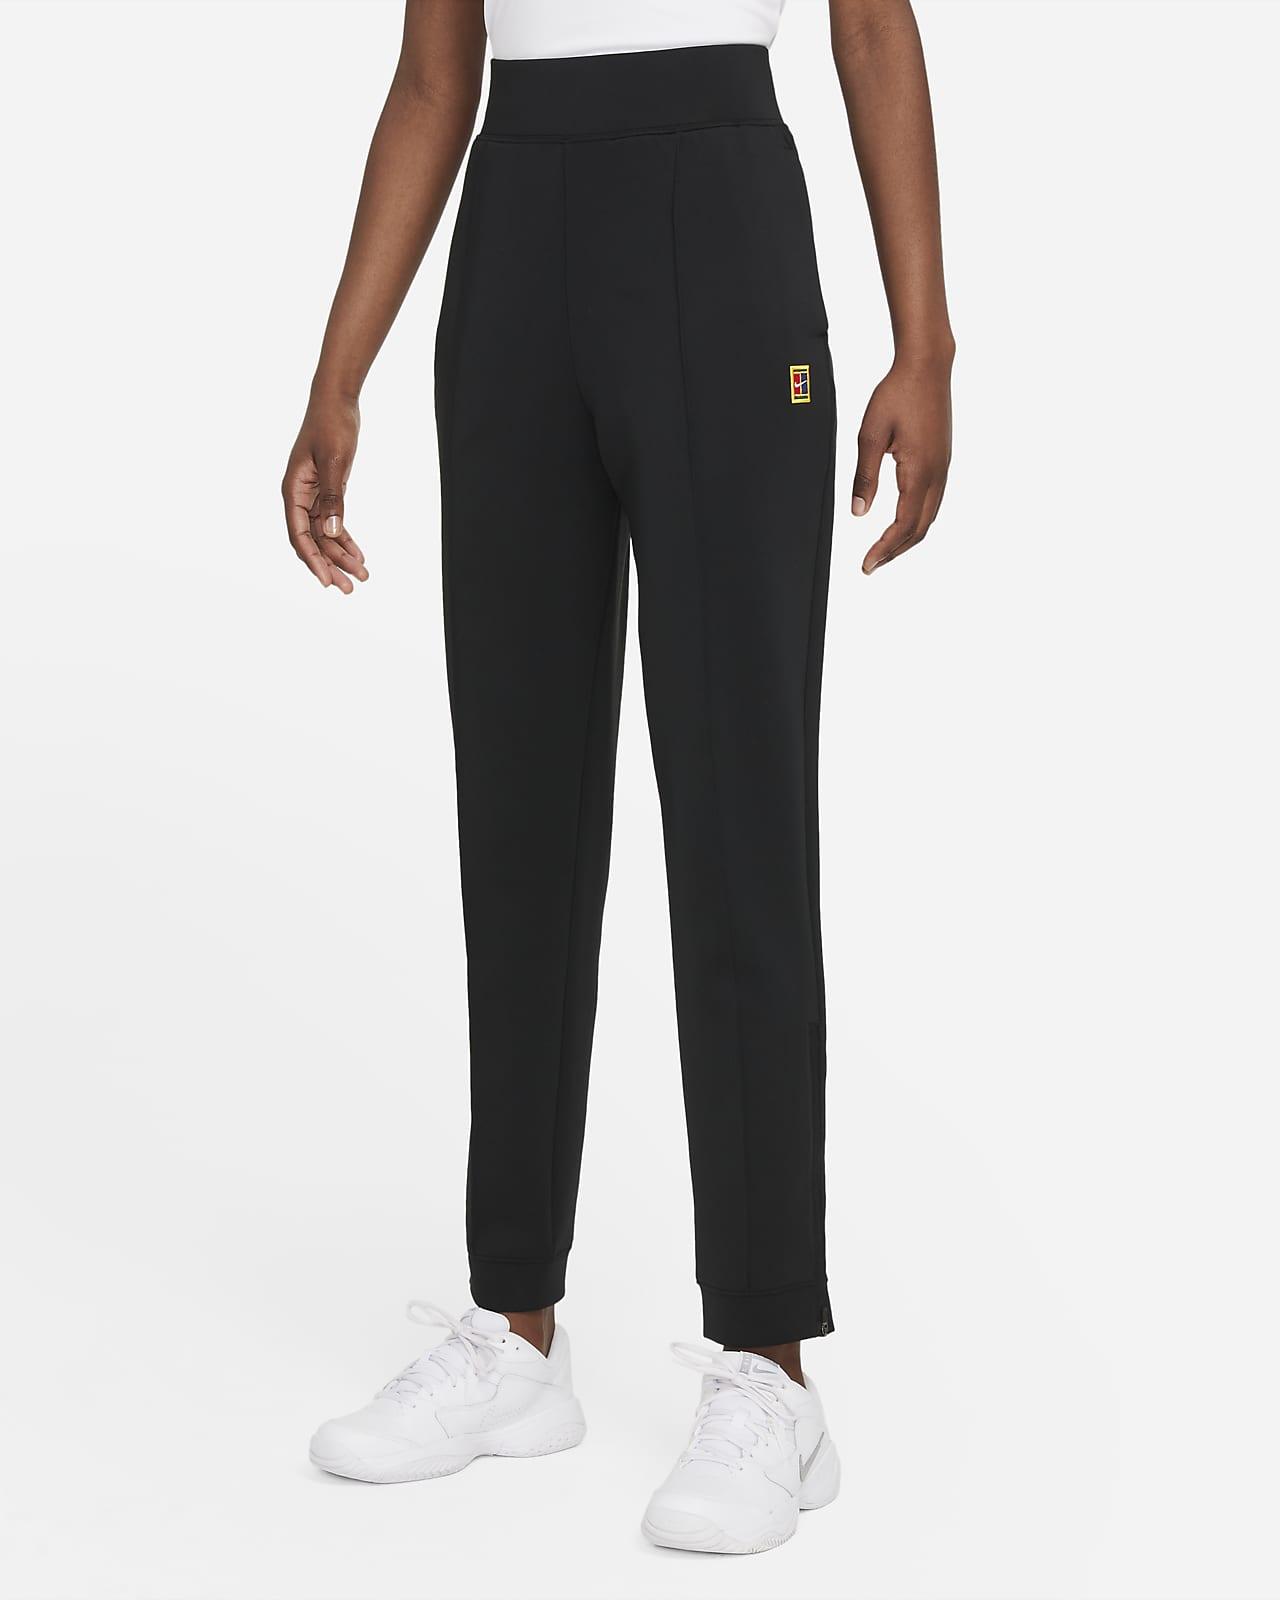 NikeCourt Dri-FIT Women's Knit Tennis Pants